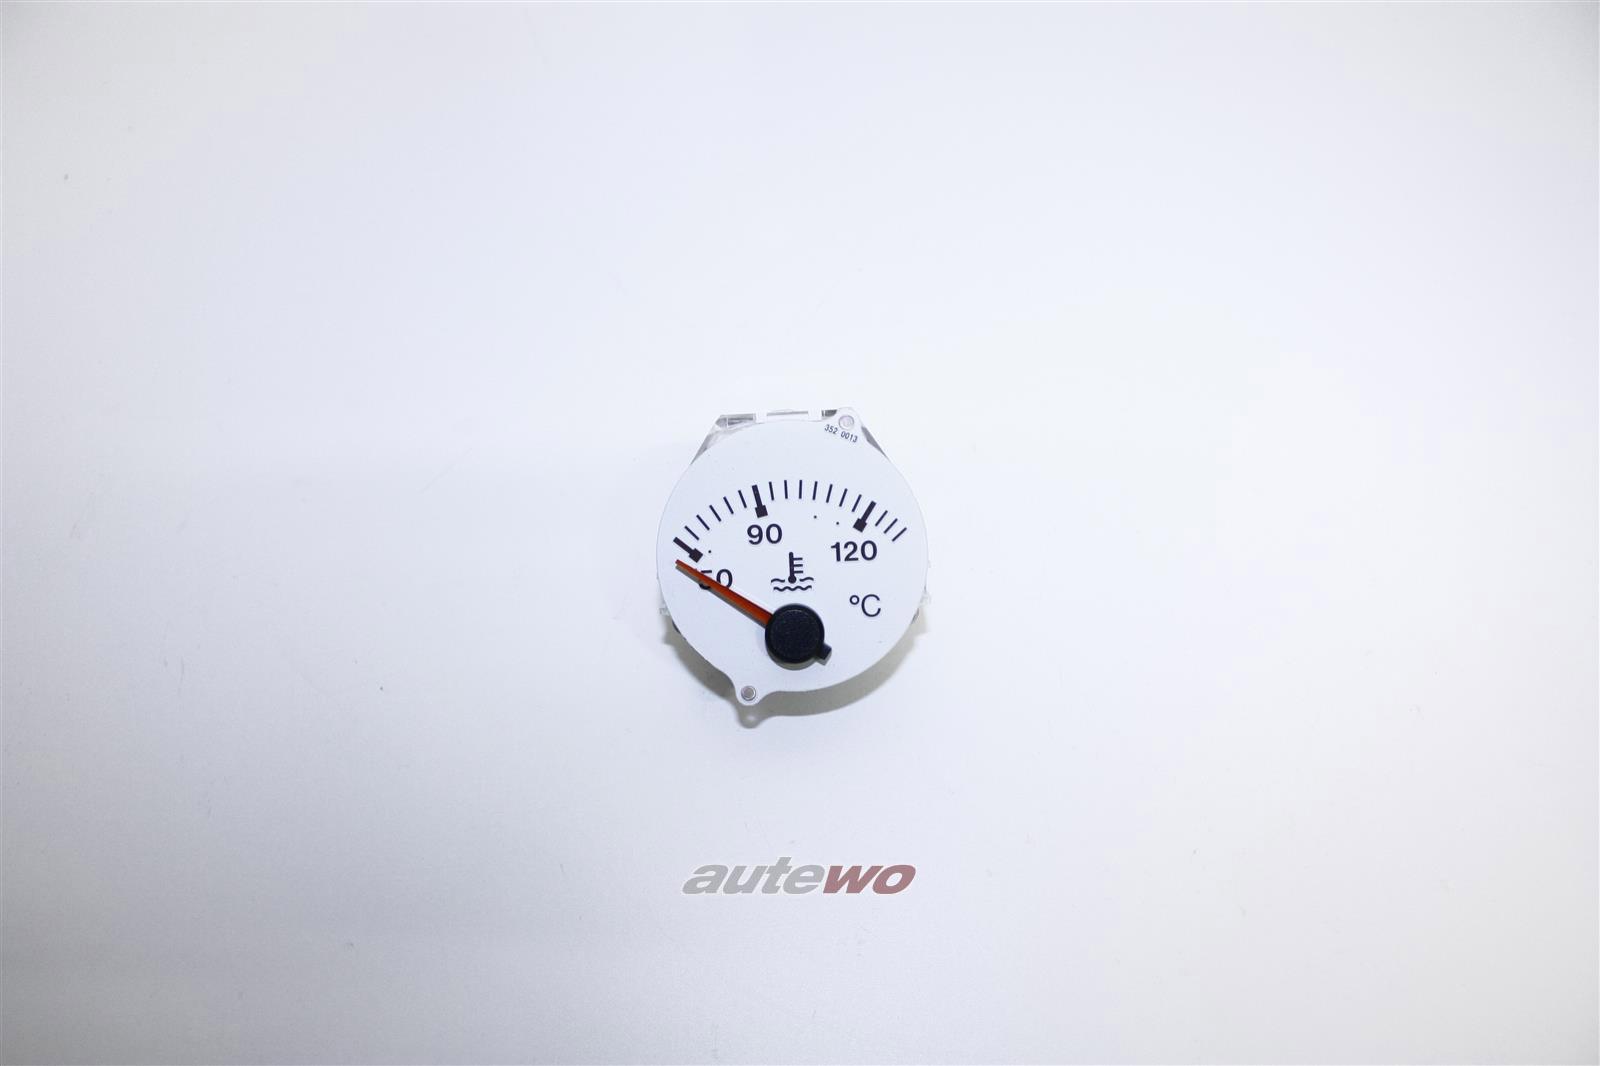 895919511A NEU Audi RS2 Wassertemperaturanzeige Hersteller VDO schneeweiß